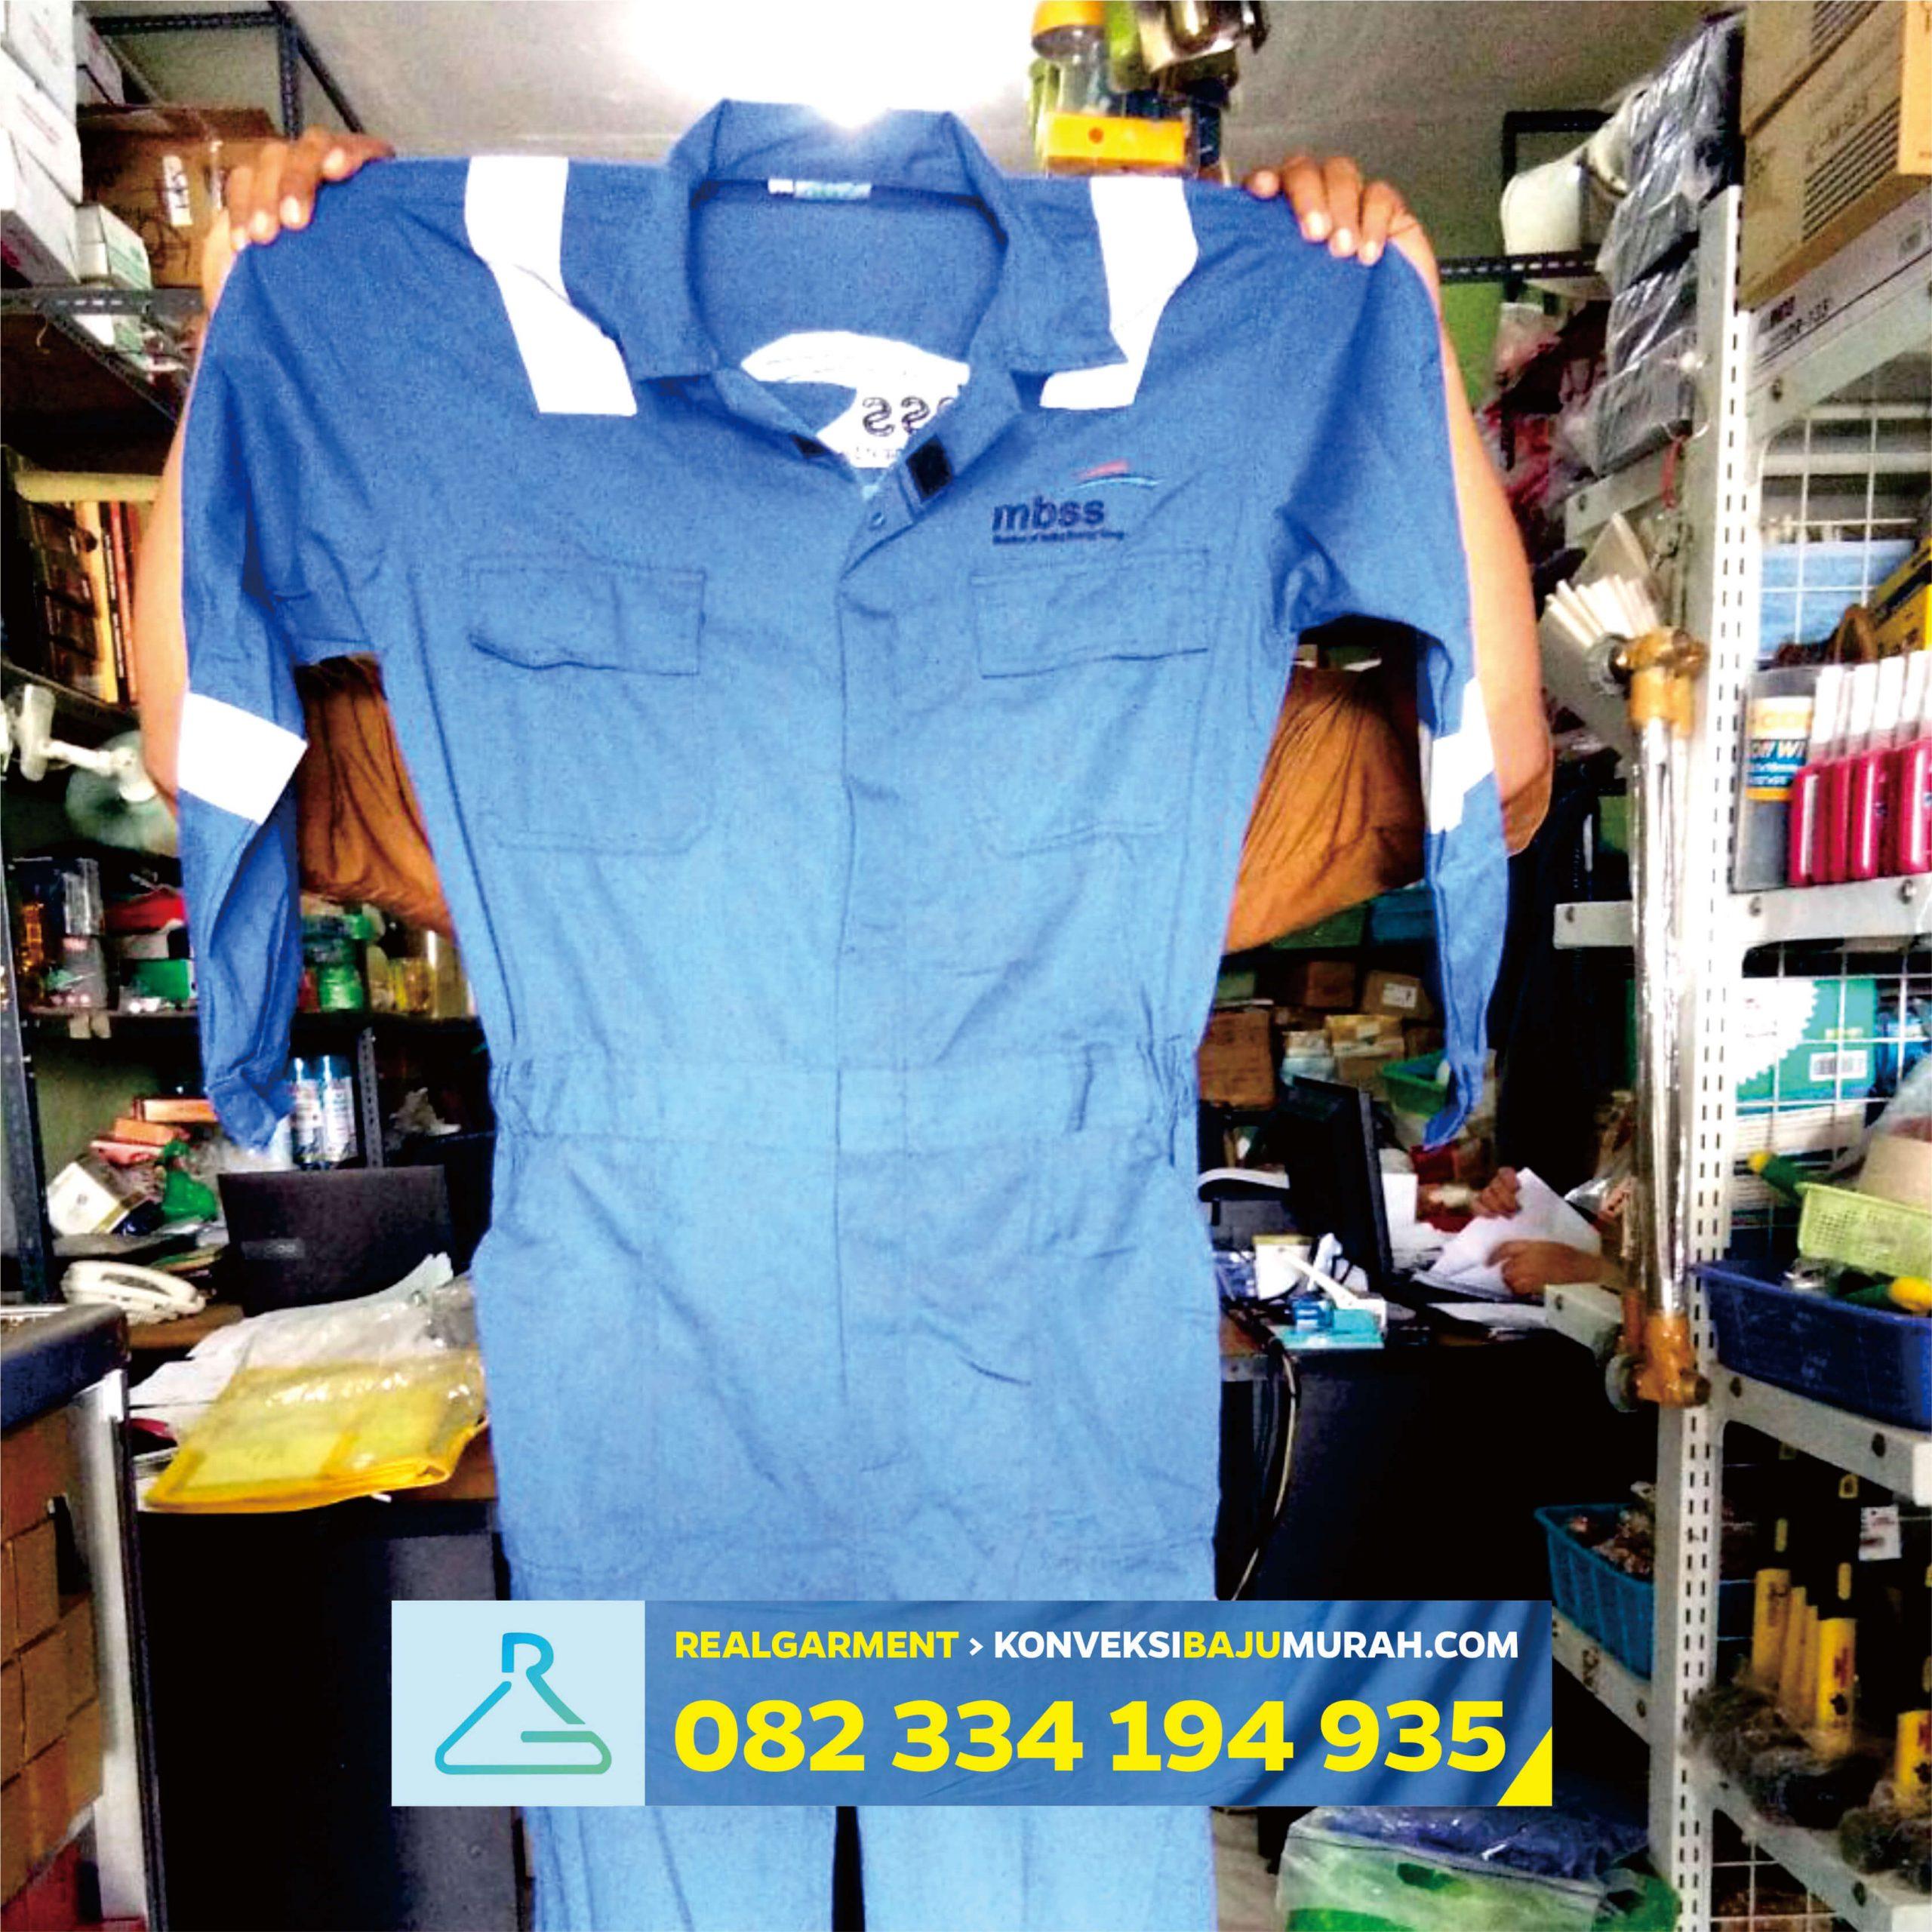 konveksi seragam kerja, konveksi baju kerja, pesan seragam berja murah